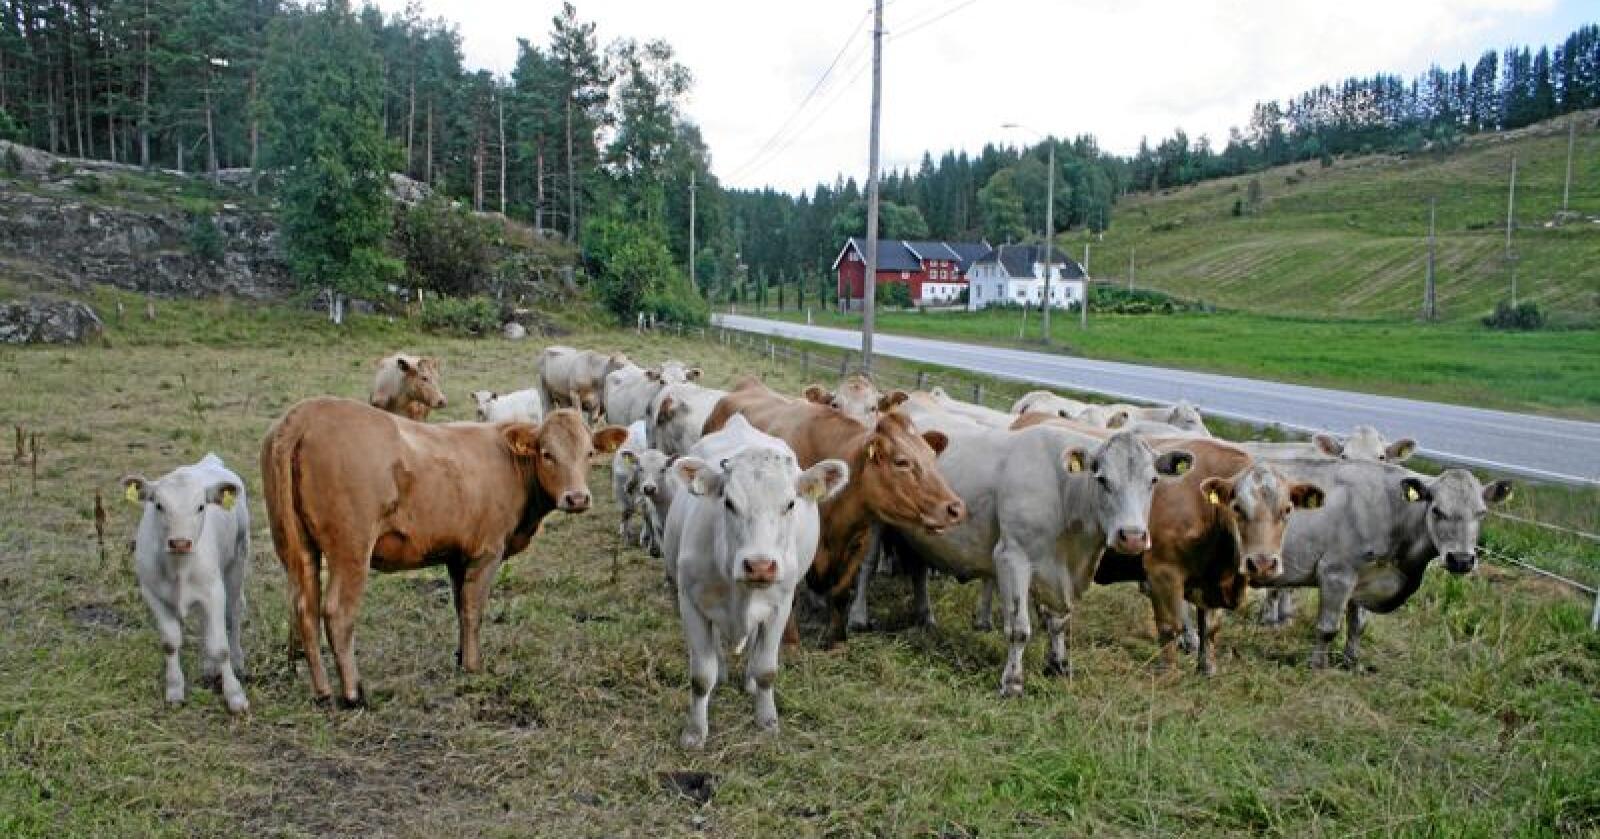 Kjøttstrid: Framtiden i våre hender vil ha bønder til å slutte med husdyr og seier ammekyr, som her ved Vennesla i Vest-Agder, er særleg skadeleg for klimaet. Foto: Bjarne Bekkeheien Aase